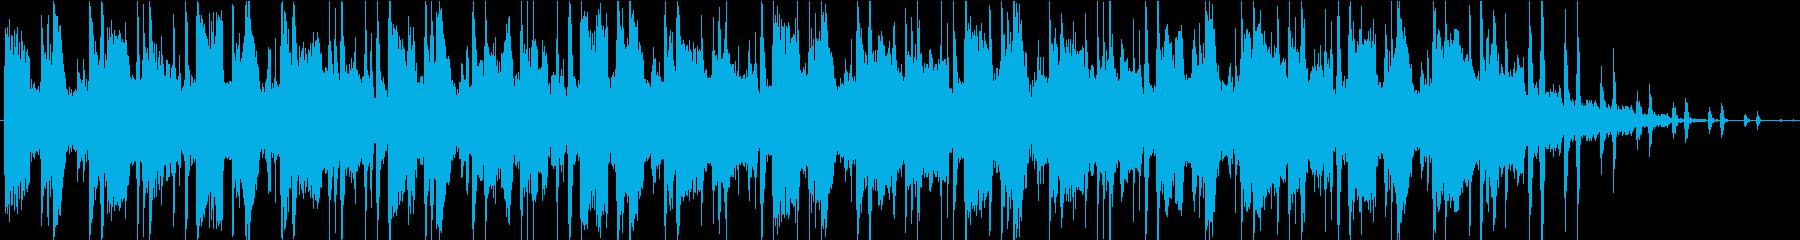 シーケンス 未定ベース02の再生済みの波形